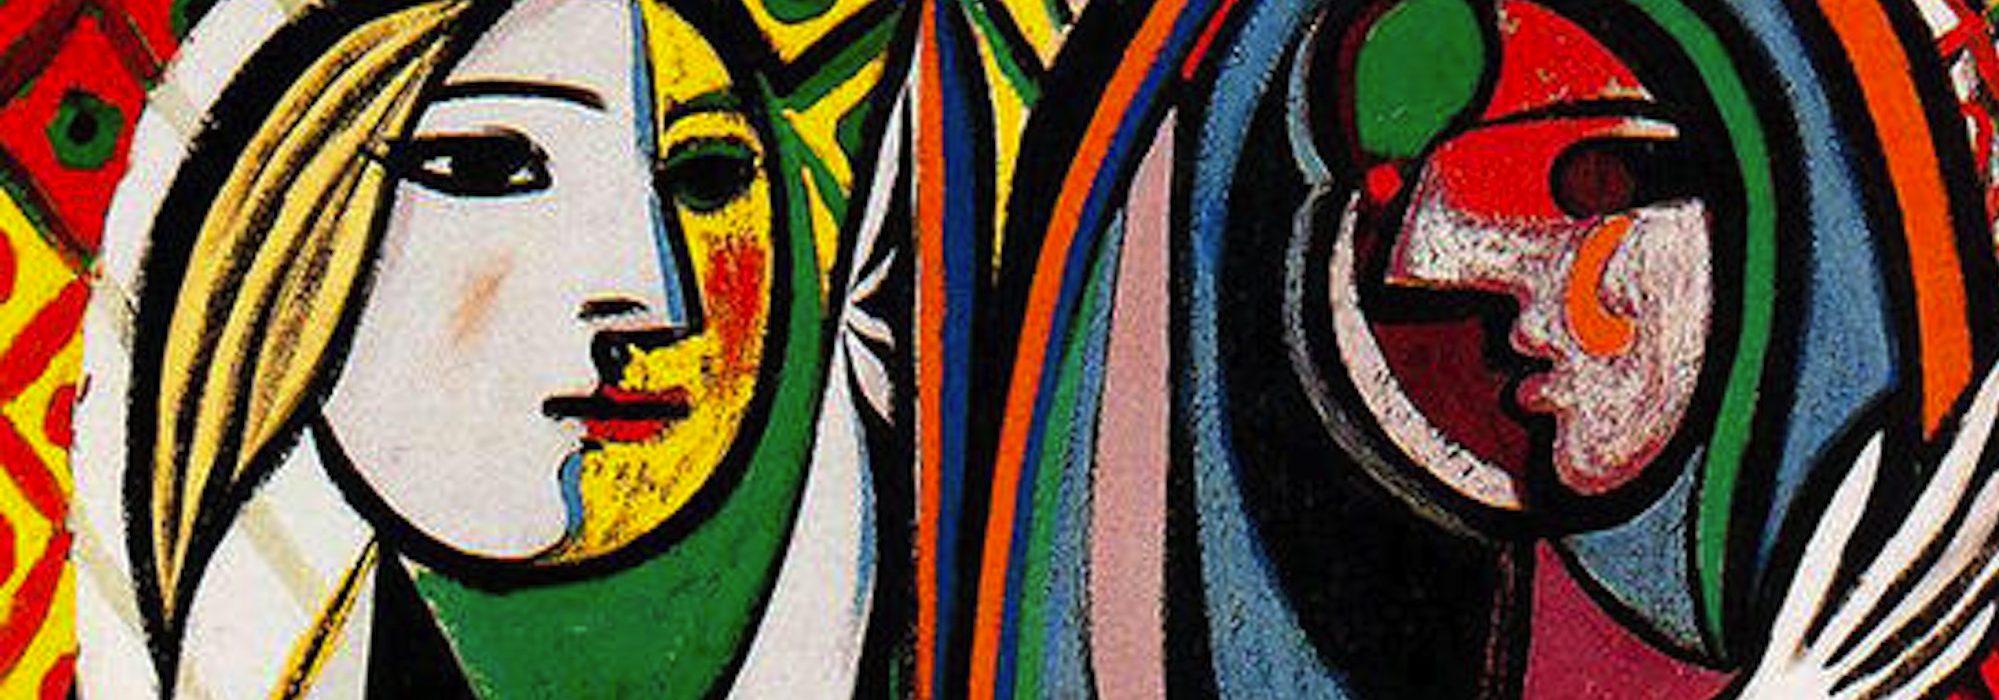 Garota em Frente ao Espelho - Pablo Picasso